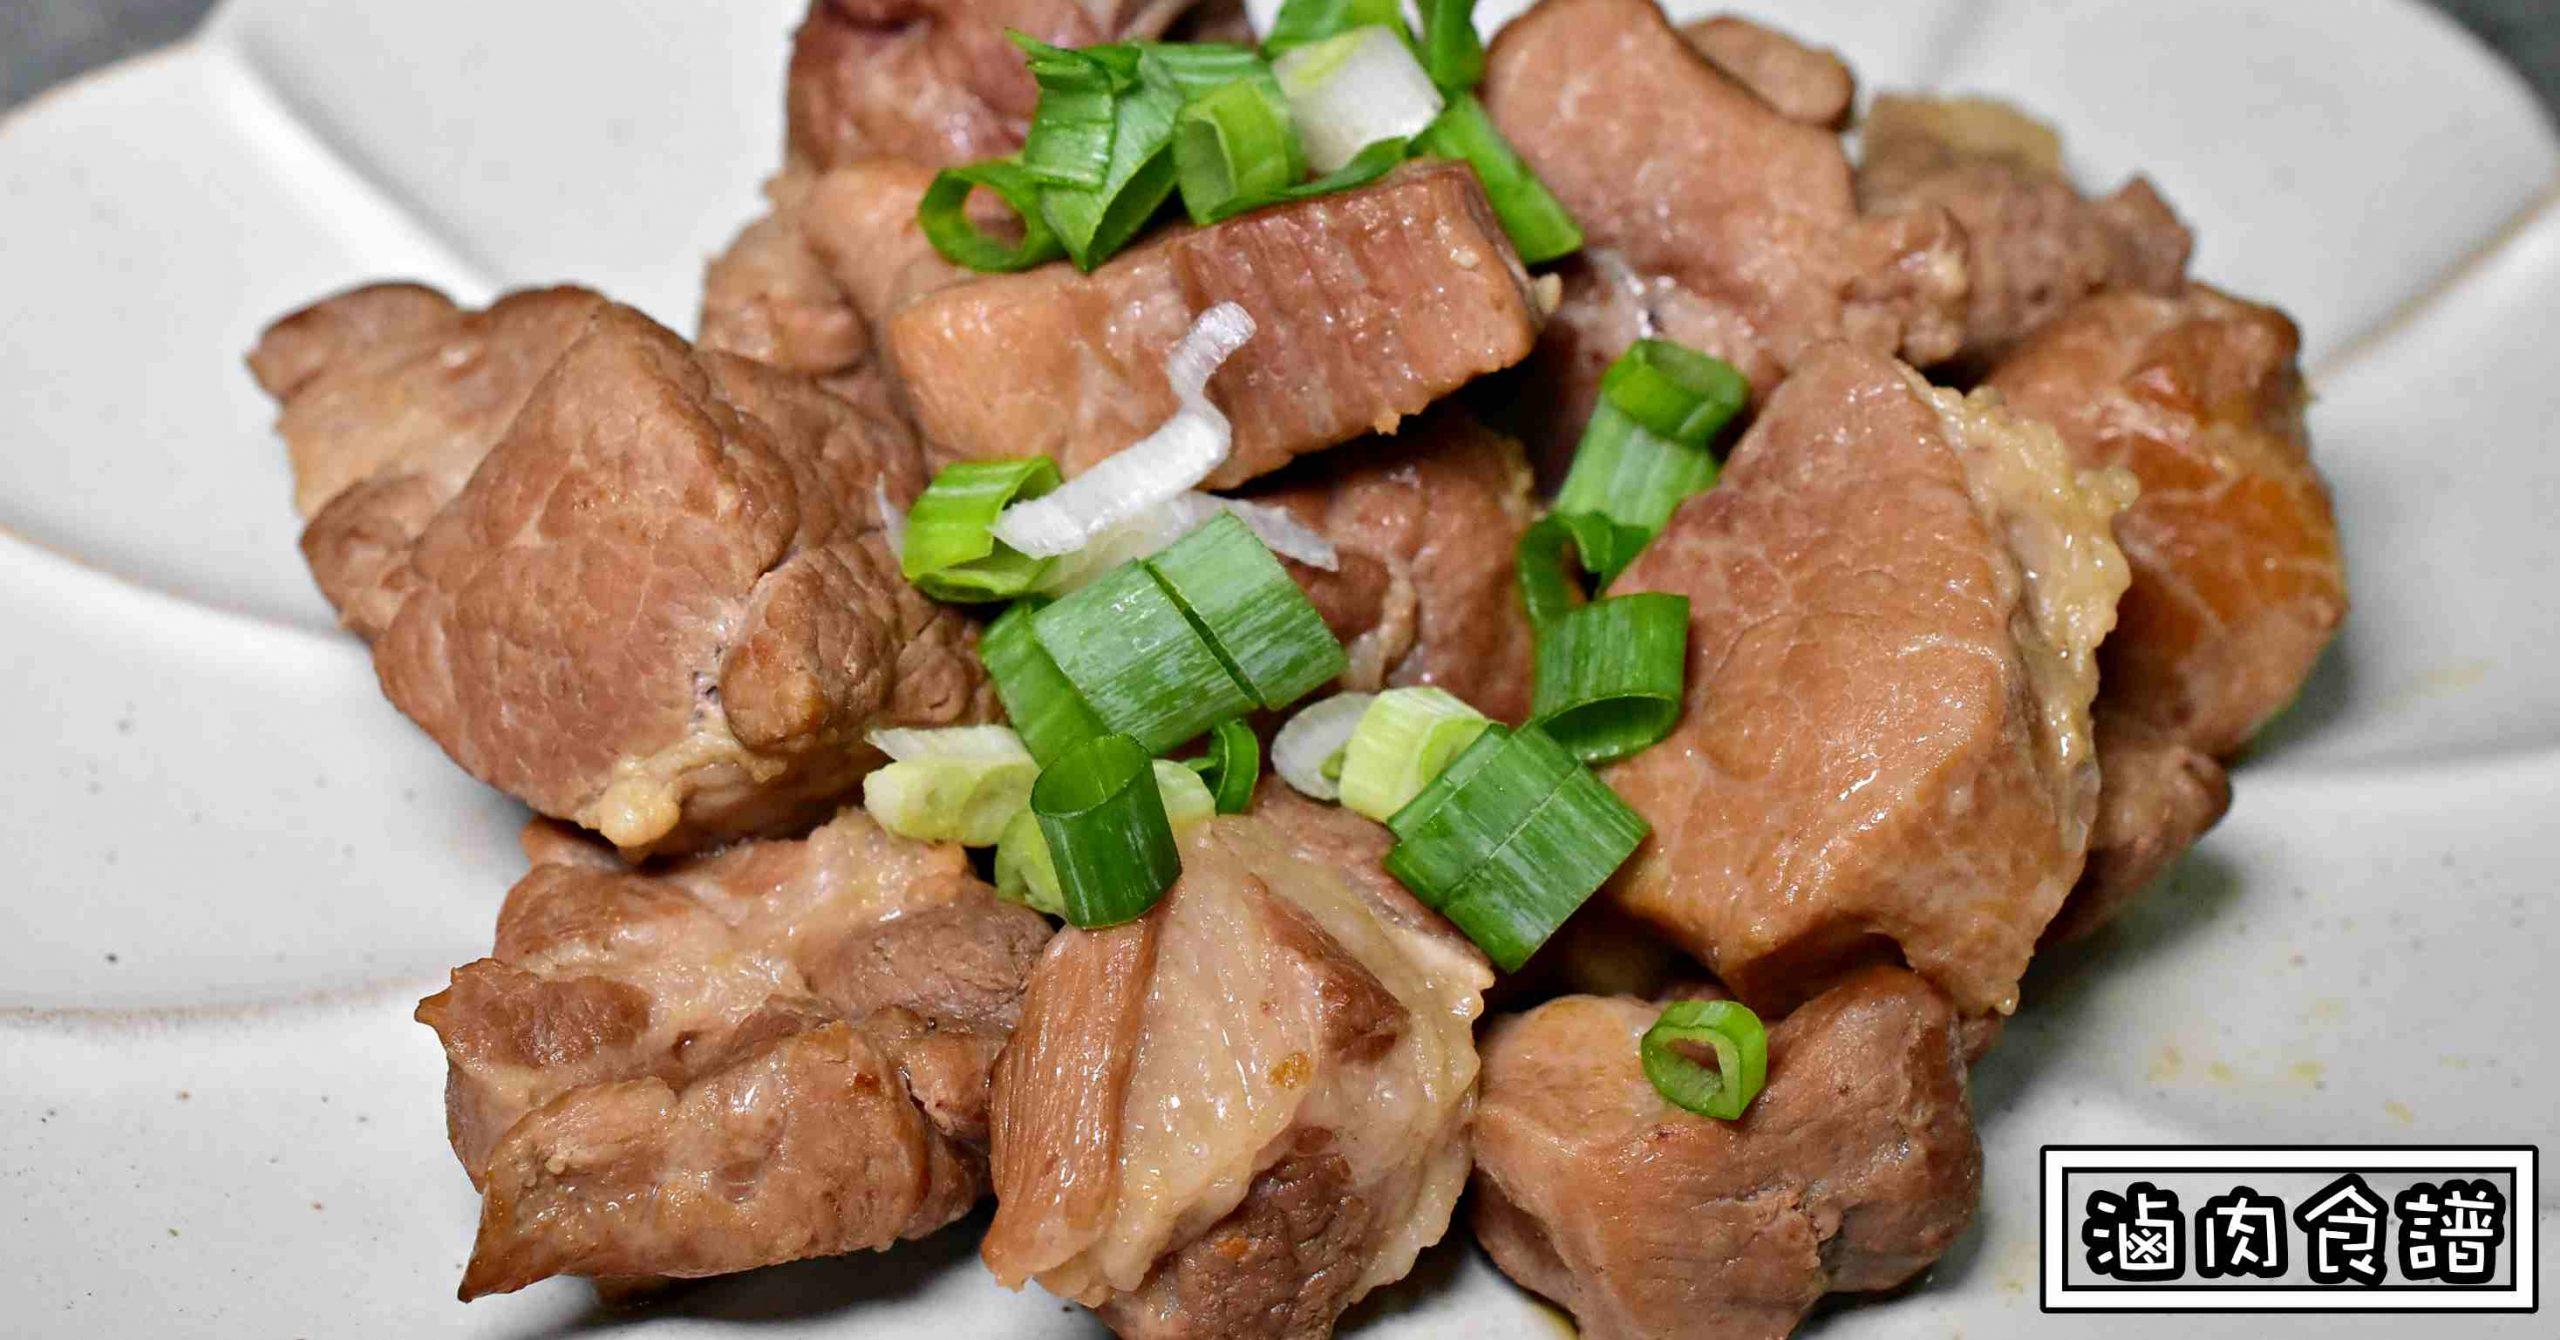 台式滷肉食譜,紅燒肉作法,滷肉入味 @Nash,神之領域